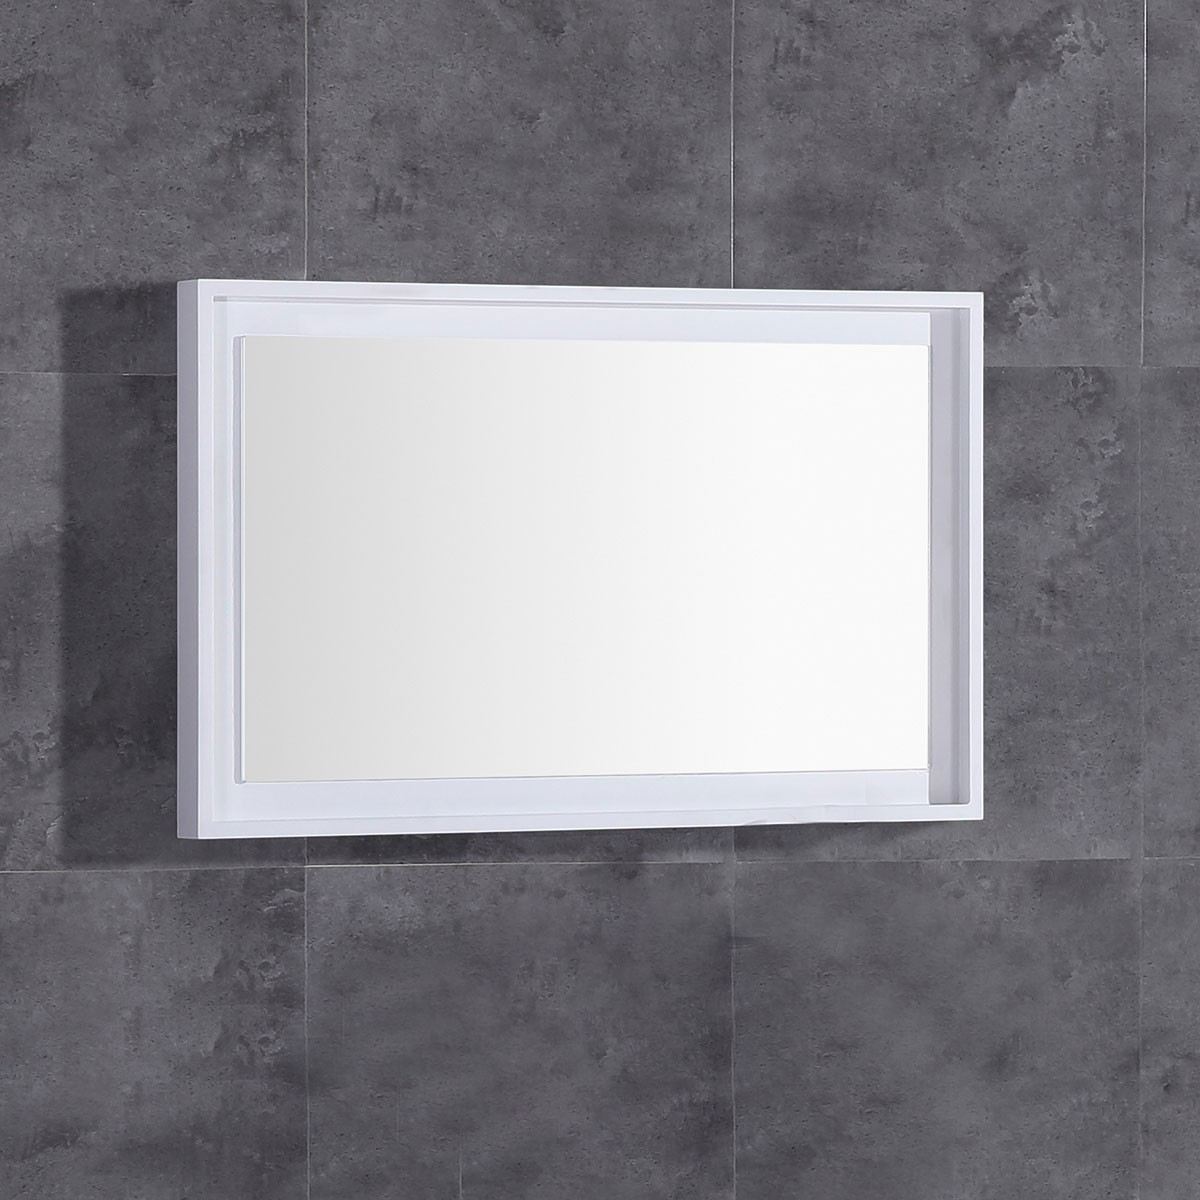 32 x 20 po Miroir pour vanité avec cadre en bois (DK-TH22119-M)